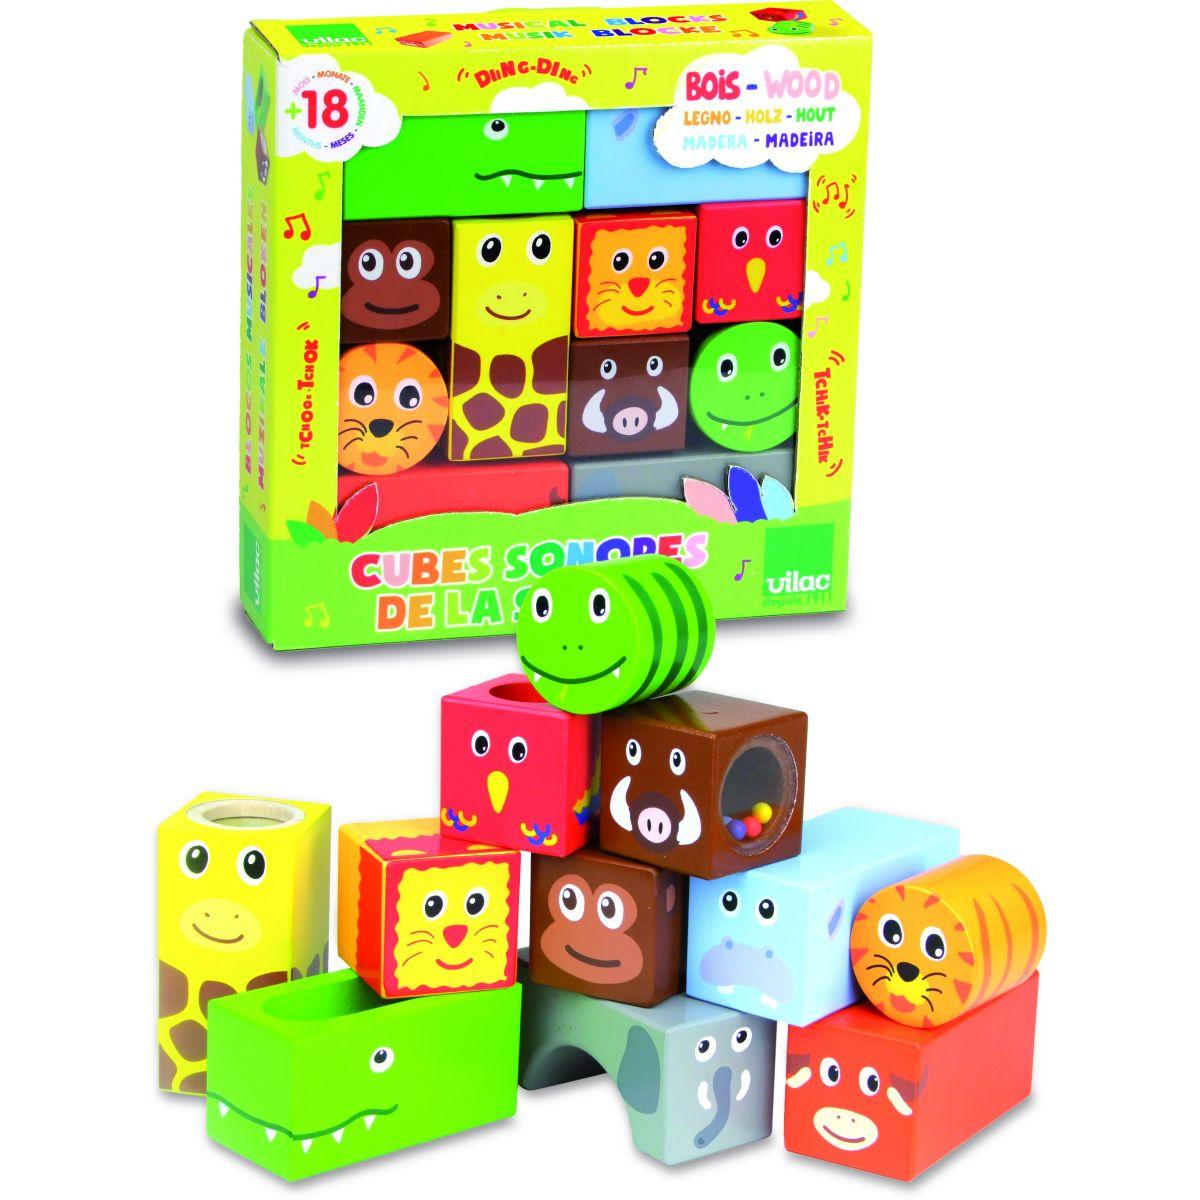 cbbdb3db70125b ... Eendje Trailer Speelgoed Kinderen. Category: speelgoed Tags: houten  speelgoed baby 9 maanden